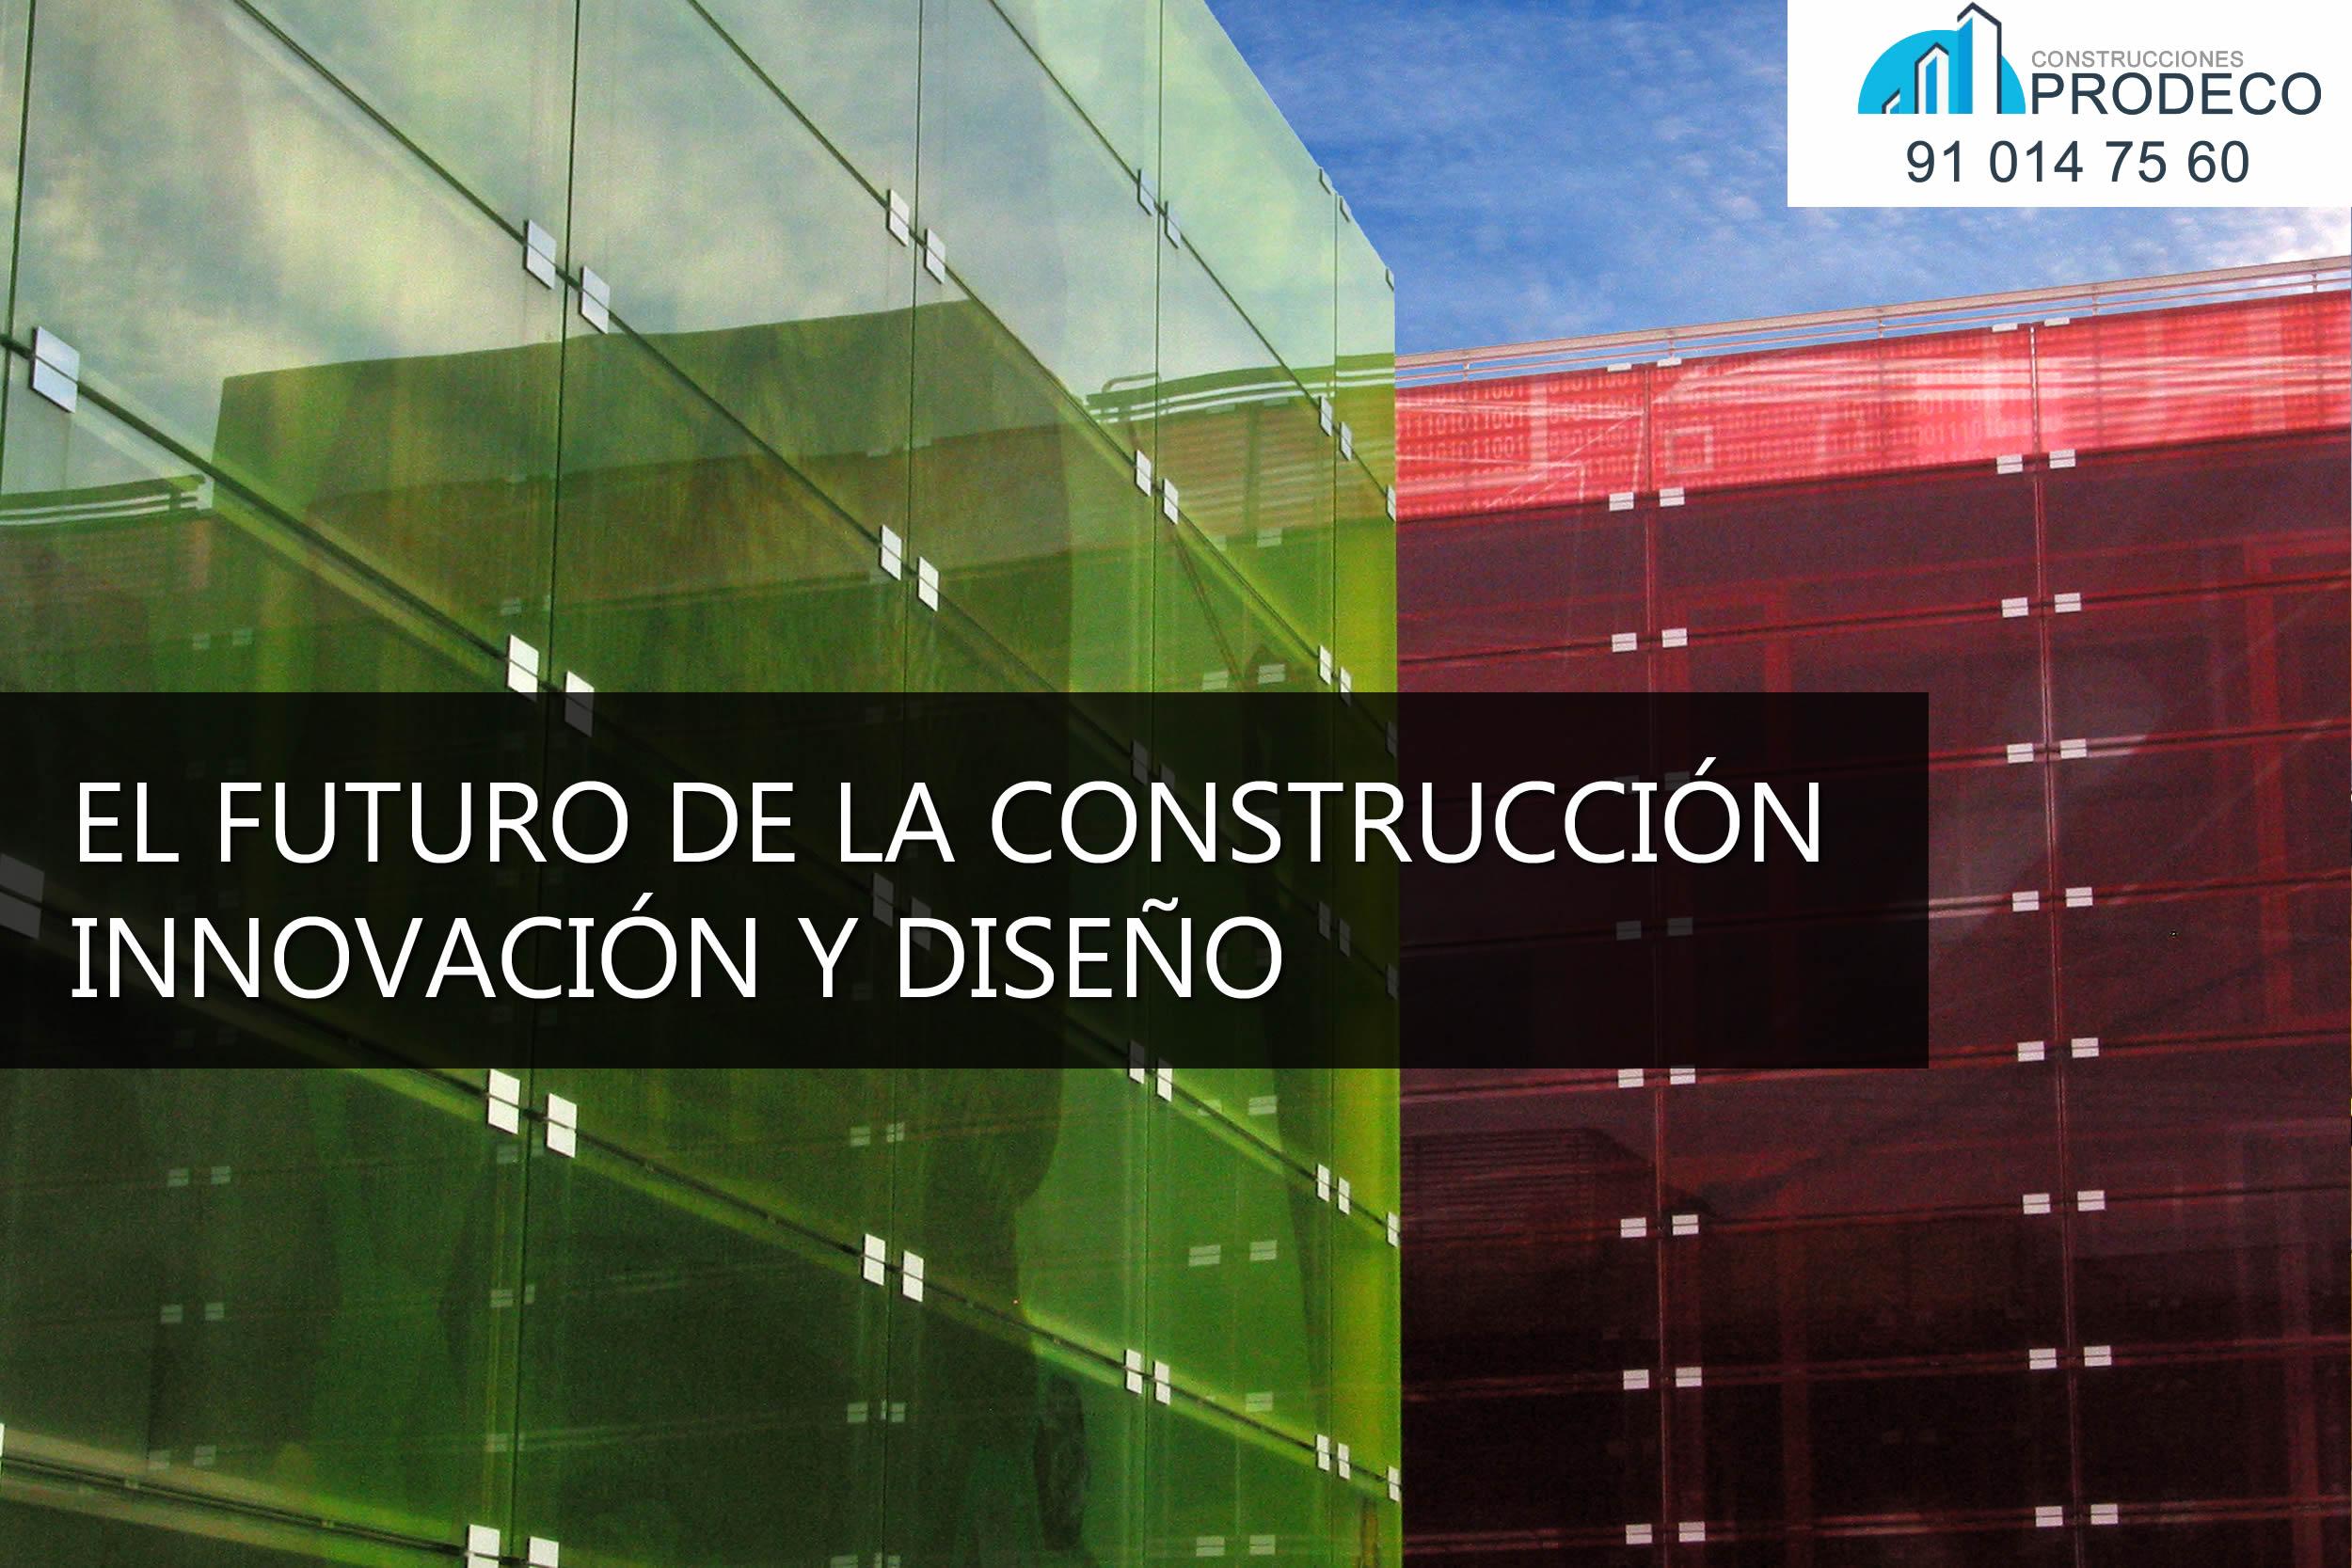 El Futuro de la Construcción: Innovación y Diseño